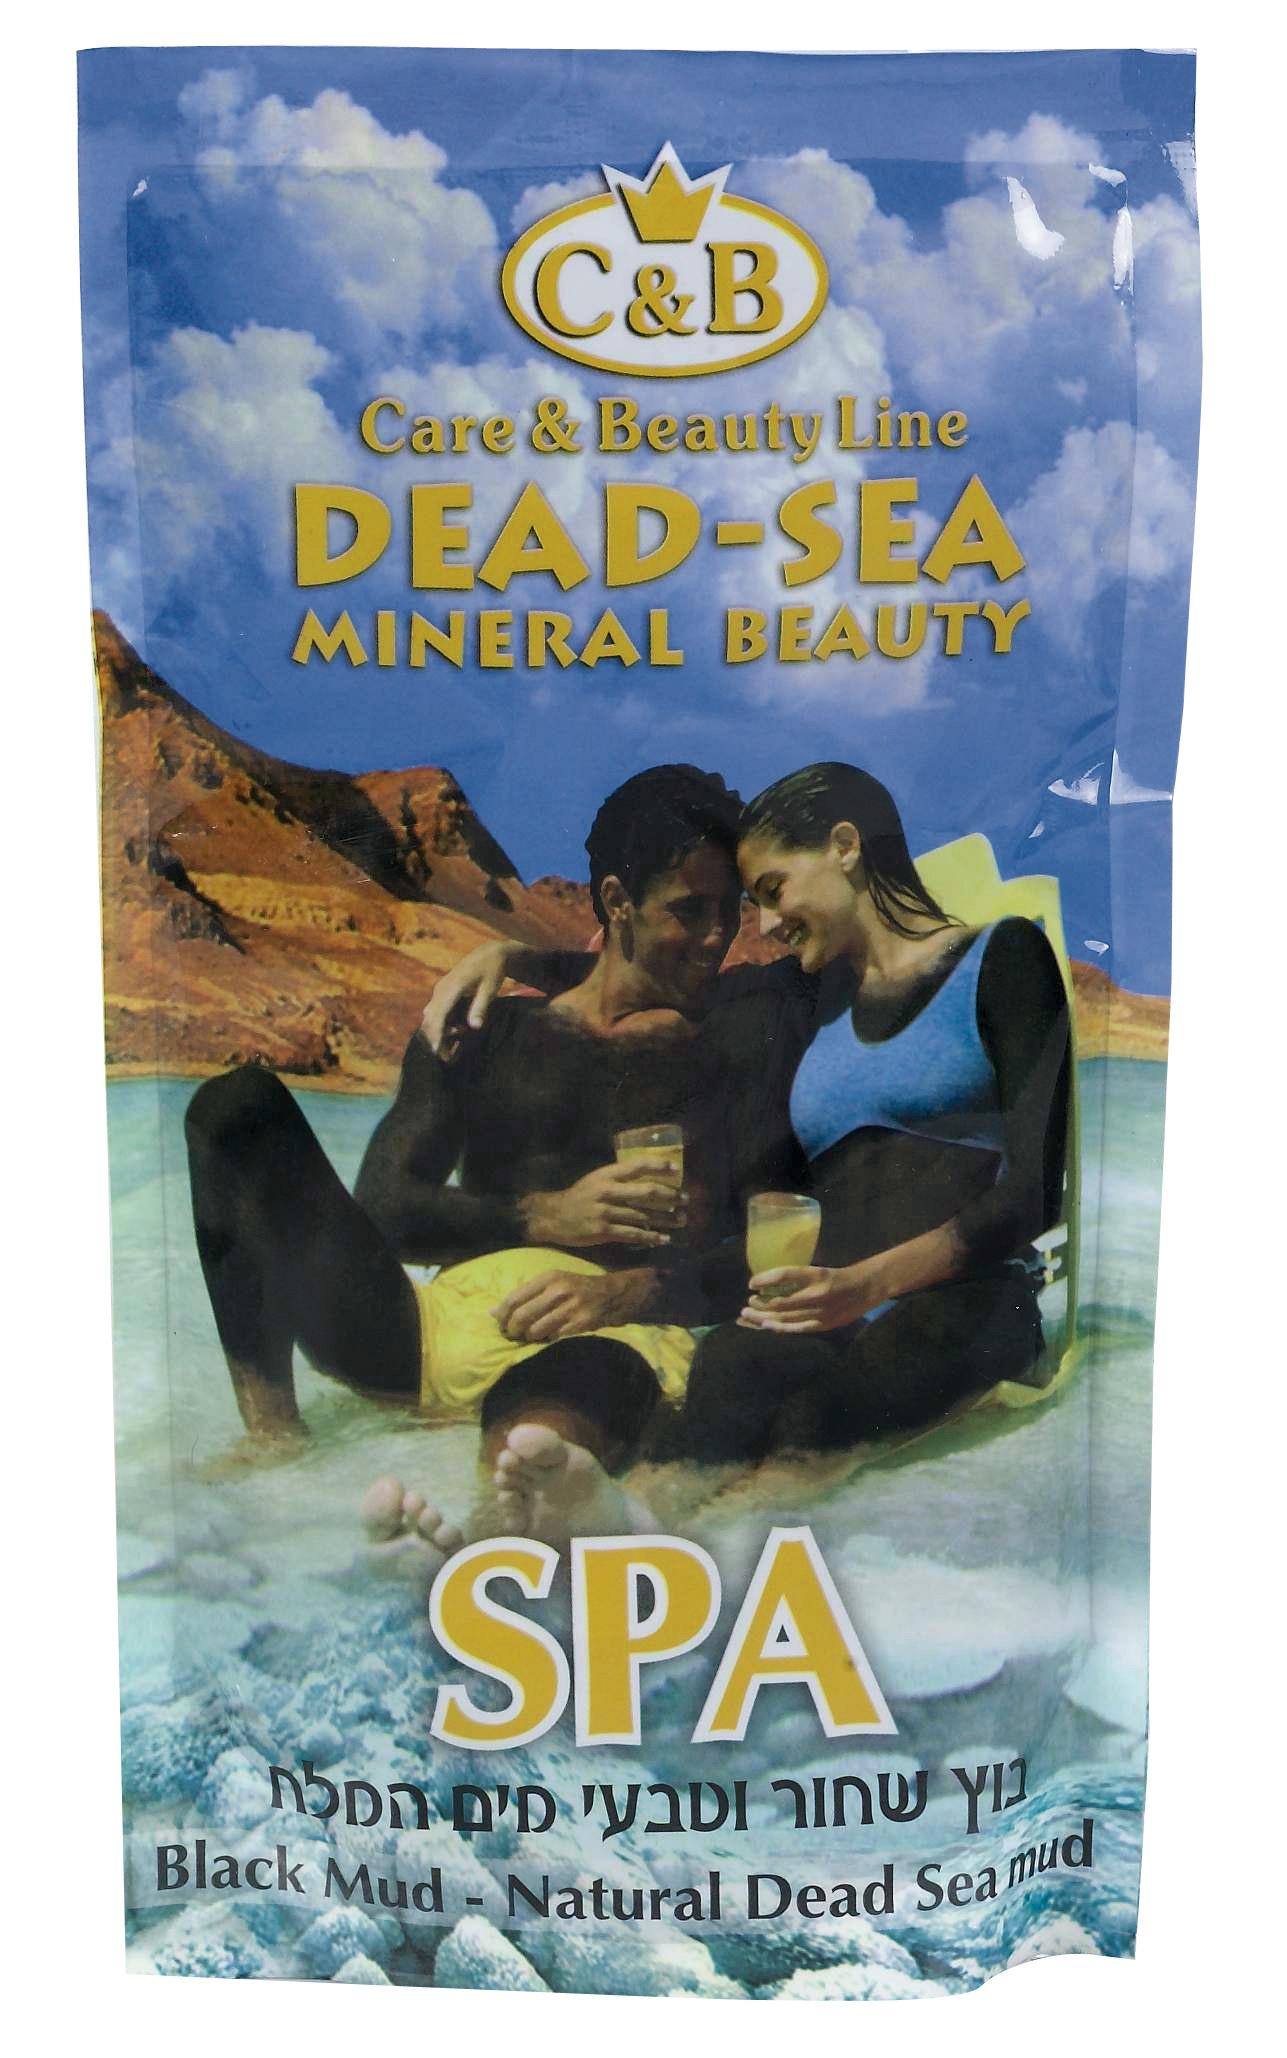 Глина косметическая Care & Beauty Line Натуральная чёрная грязь, 5008139Cодержит черную минеральную грязь, с берегов Мертвого моря и сформированную из осадочной глины на протяжении тысяч лет. Глина содержит высокую концентрацию минералов магния, кальция и натрия. Обладает терапевтическим и косметологическим эффектом. Эффективно поддерживает здоровый вид кожи, глубоко очищает, восстанавливает естественный водный баланс, делая кожу гладкой, сияющей и шелковистой. Хранить при t от +5 до +25C°.